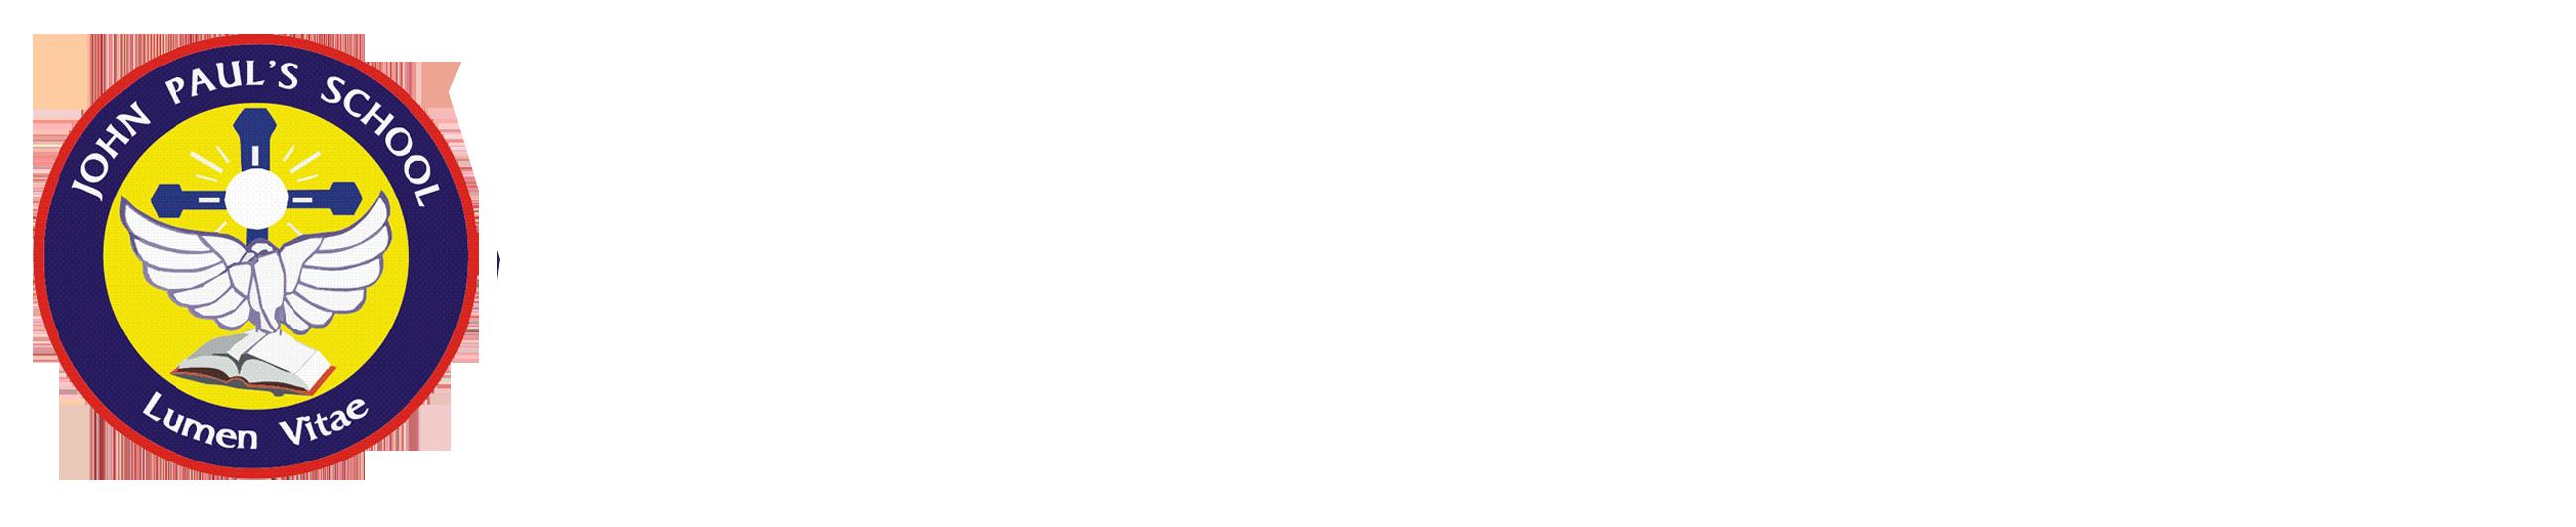 JOHN PAUL'S SCHOOL, HARAPAN INDAH, BEKASI